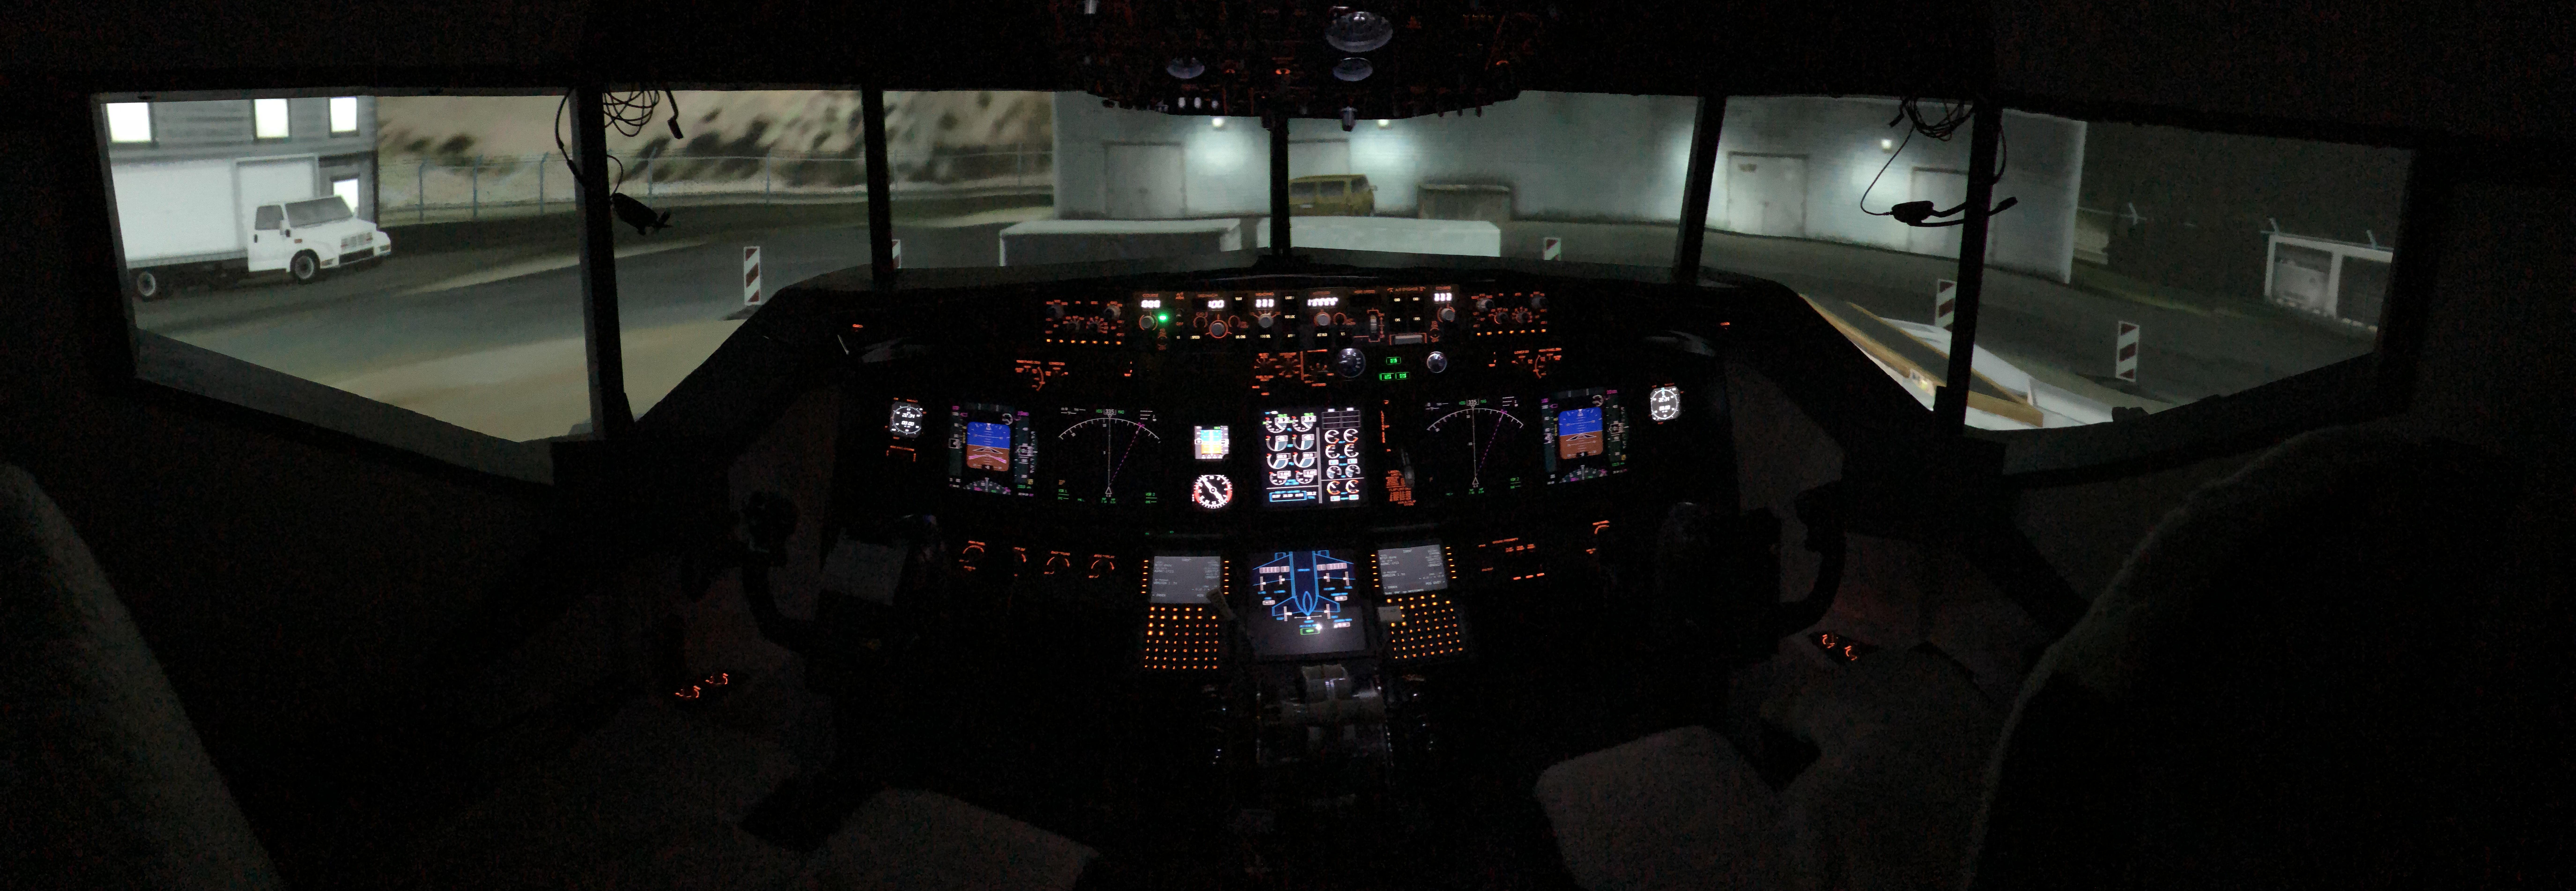 Home 737ng Sim